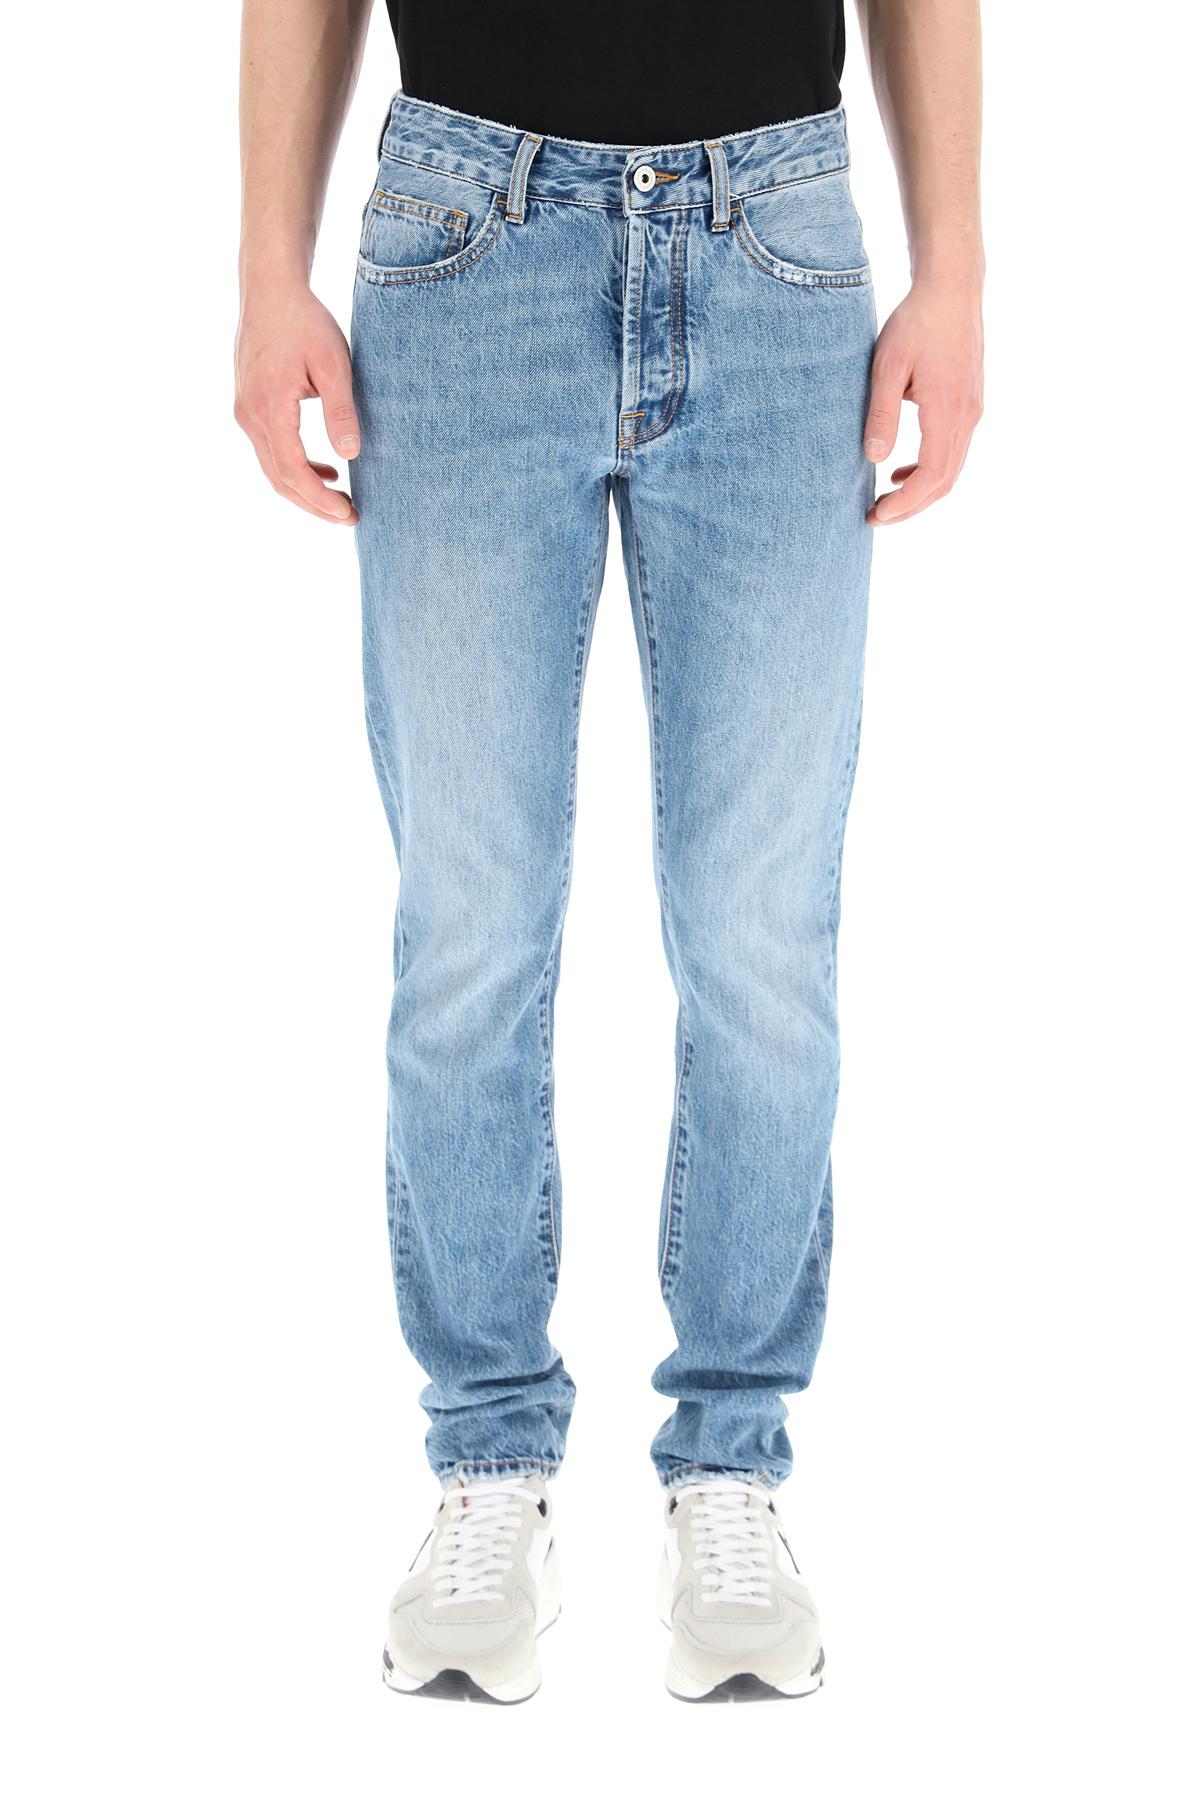 Marcelo burlon jeans slim con stampa fire cross